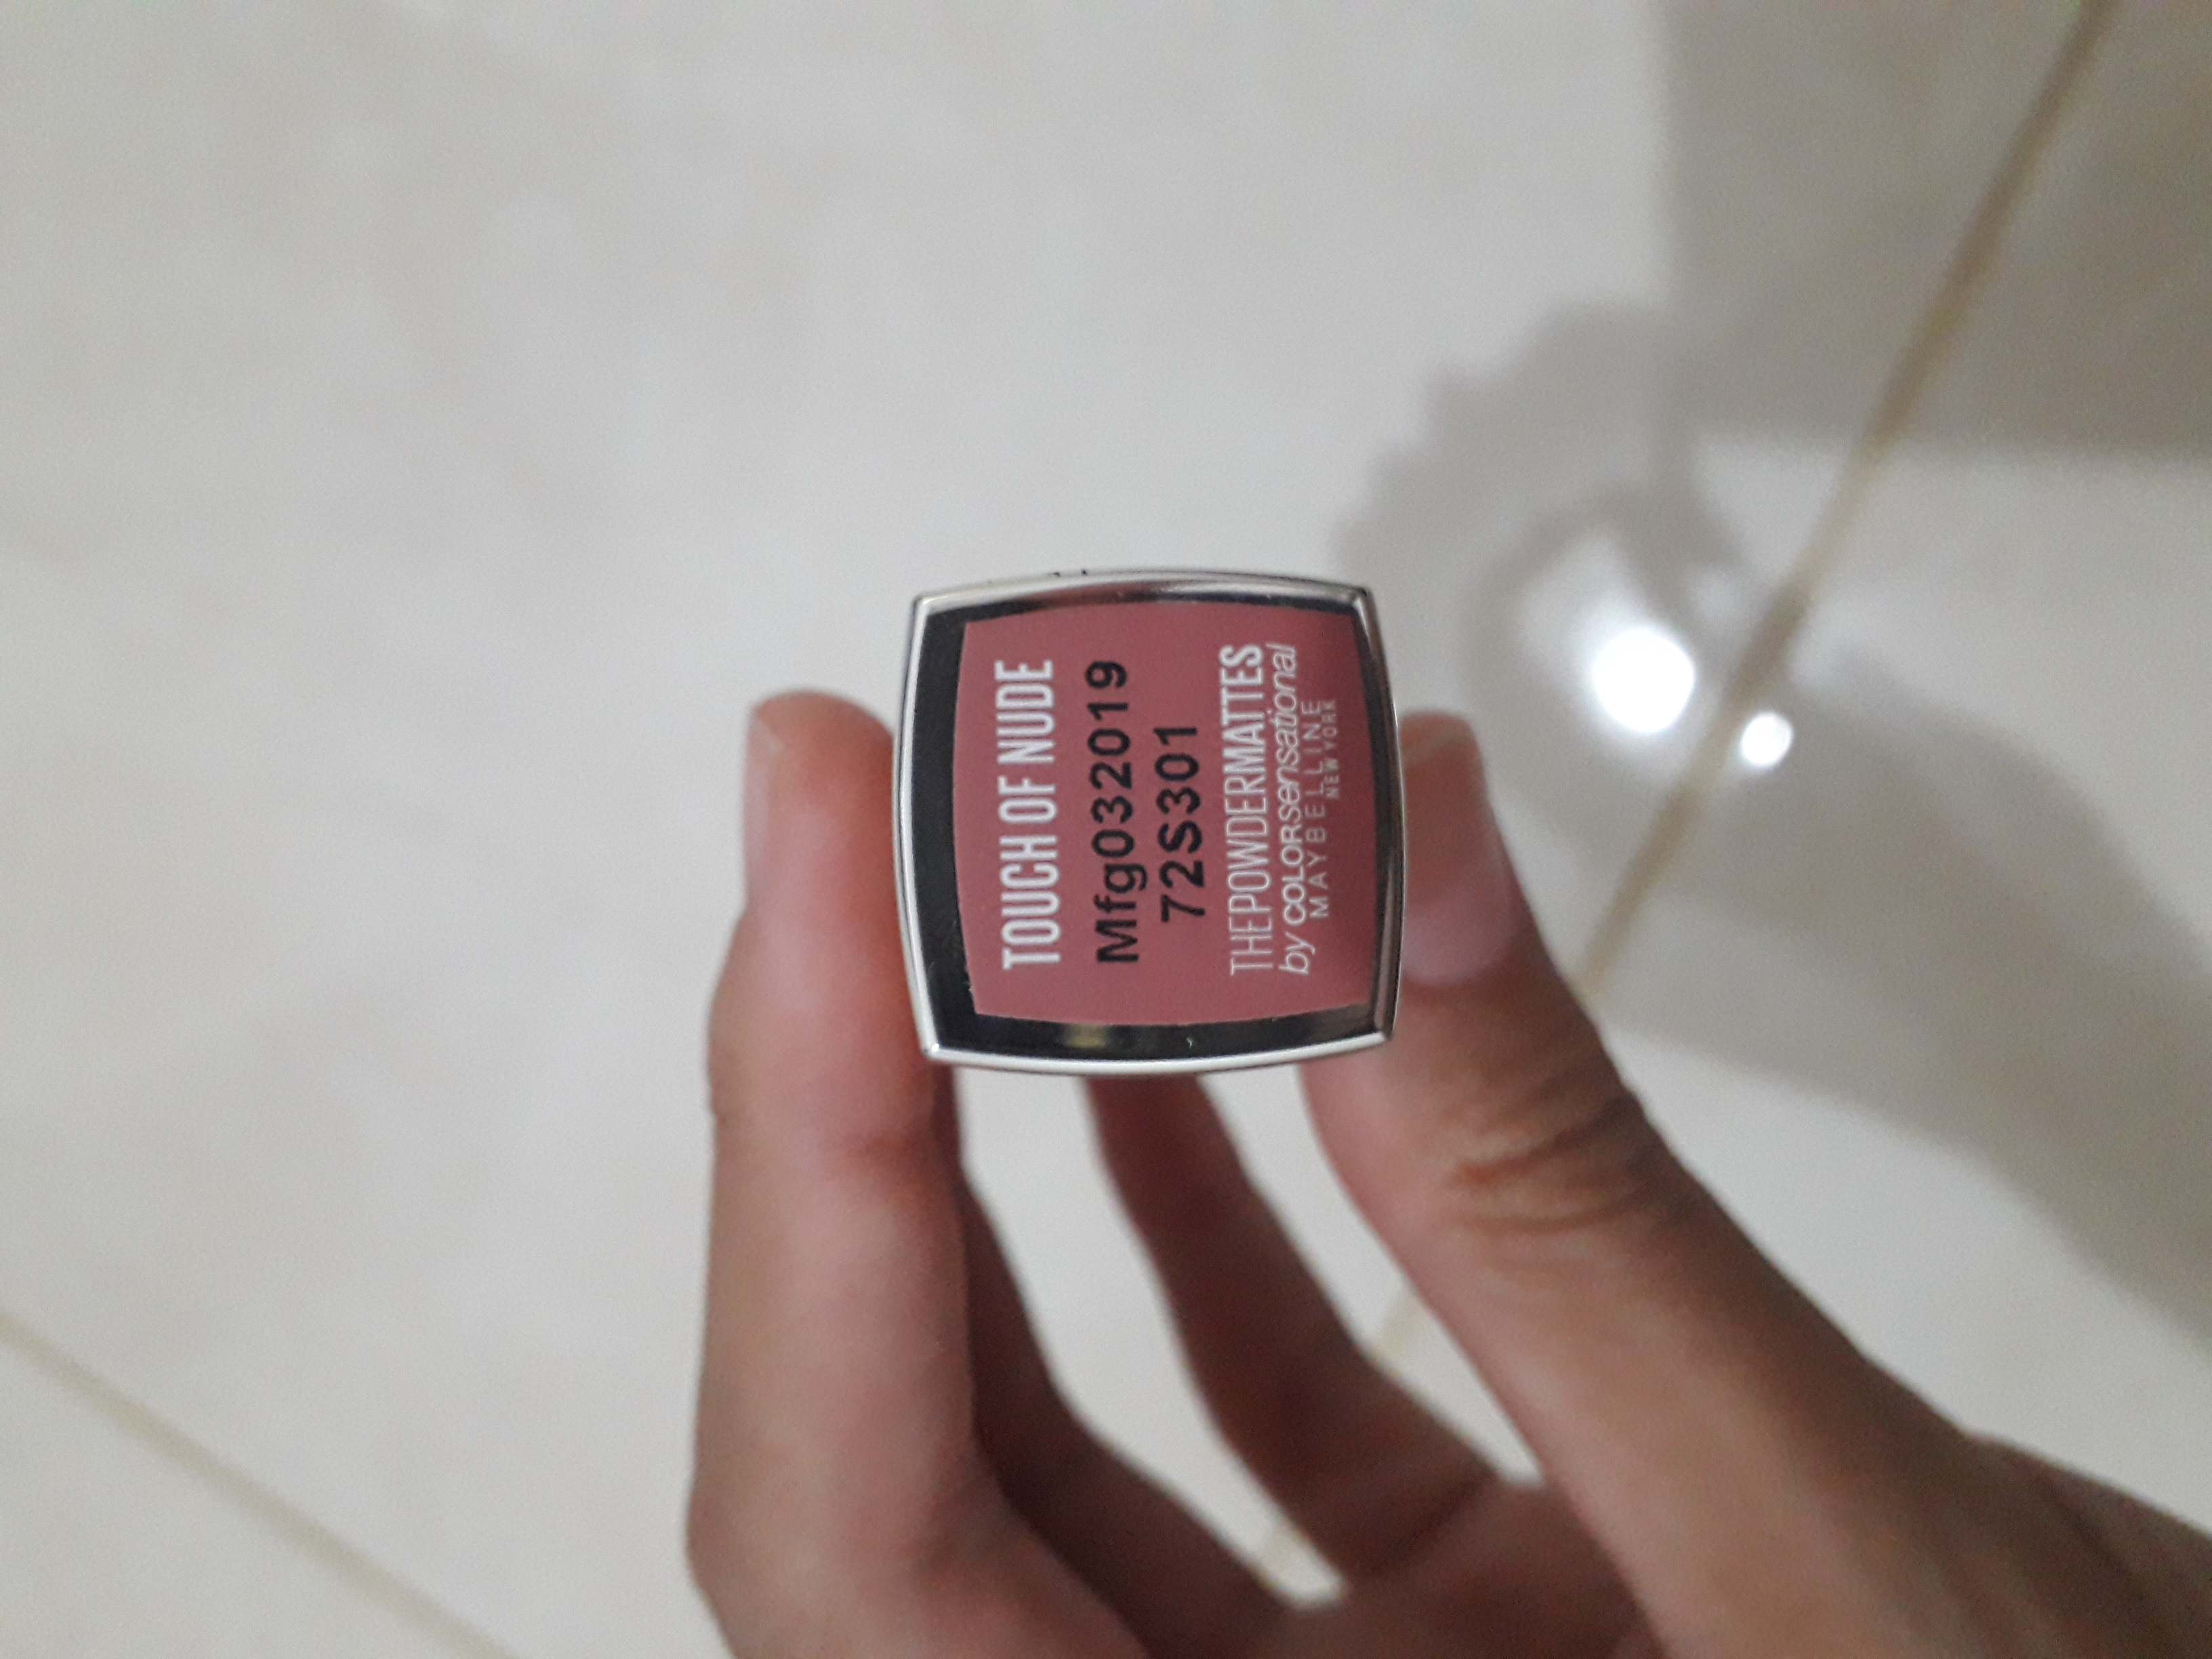 Maybelline Color Sensational Powder Matte